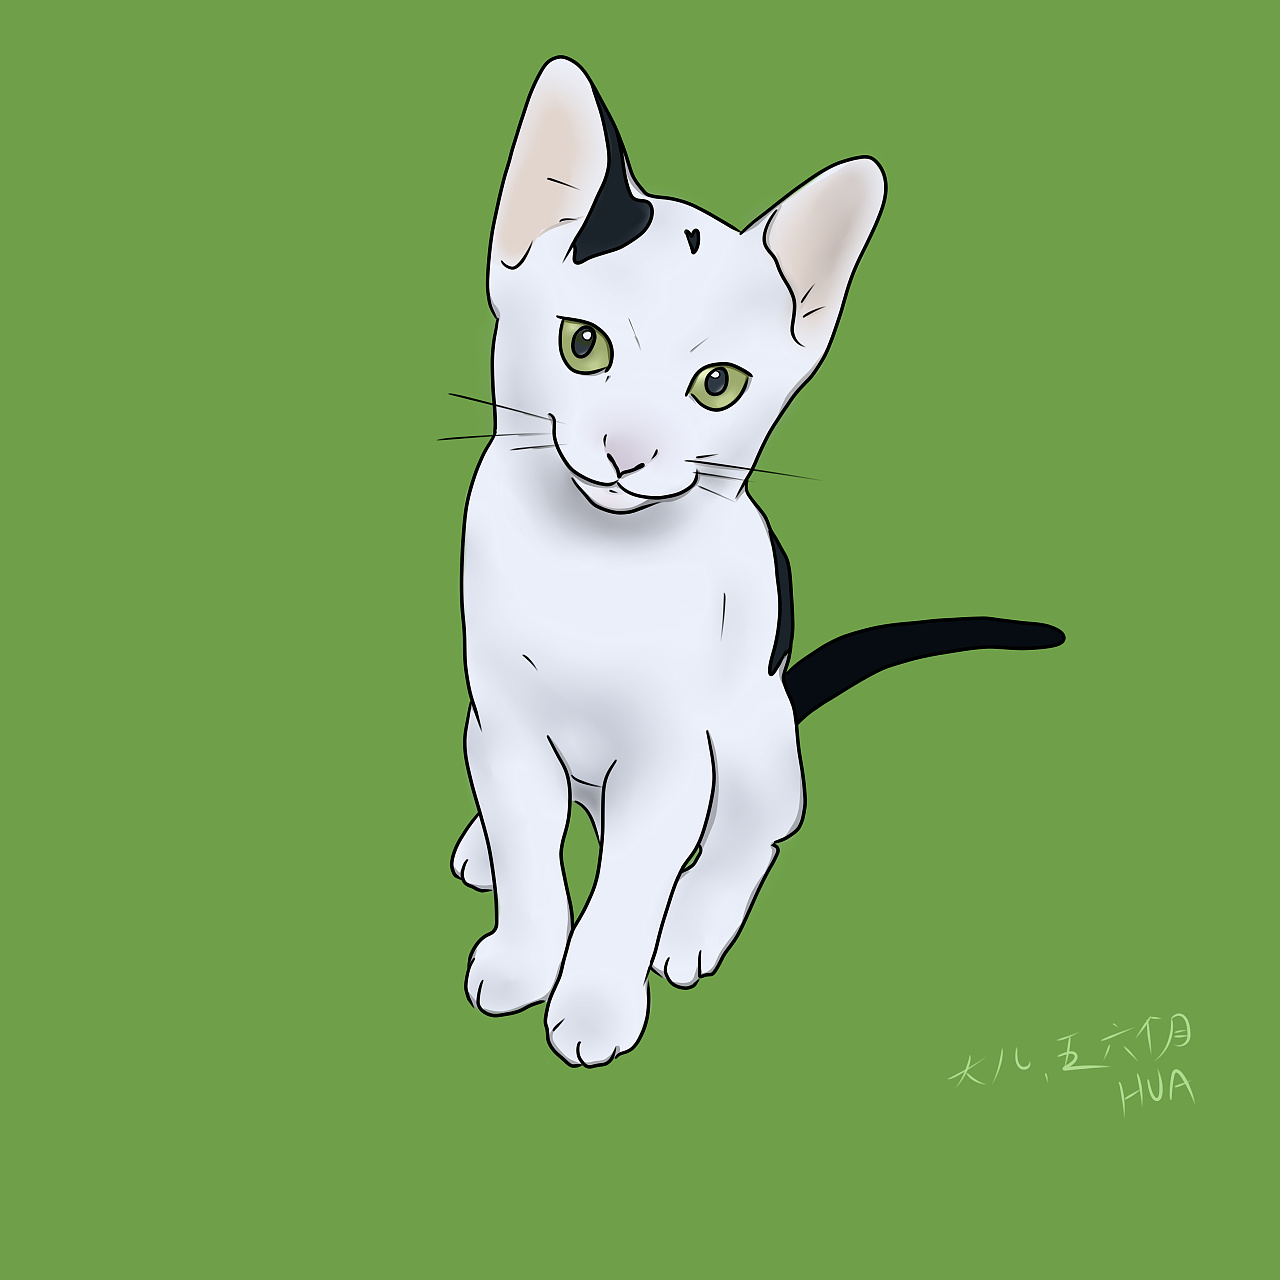 喵咪手绘头像奶牛猫